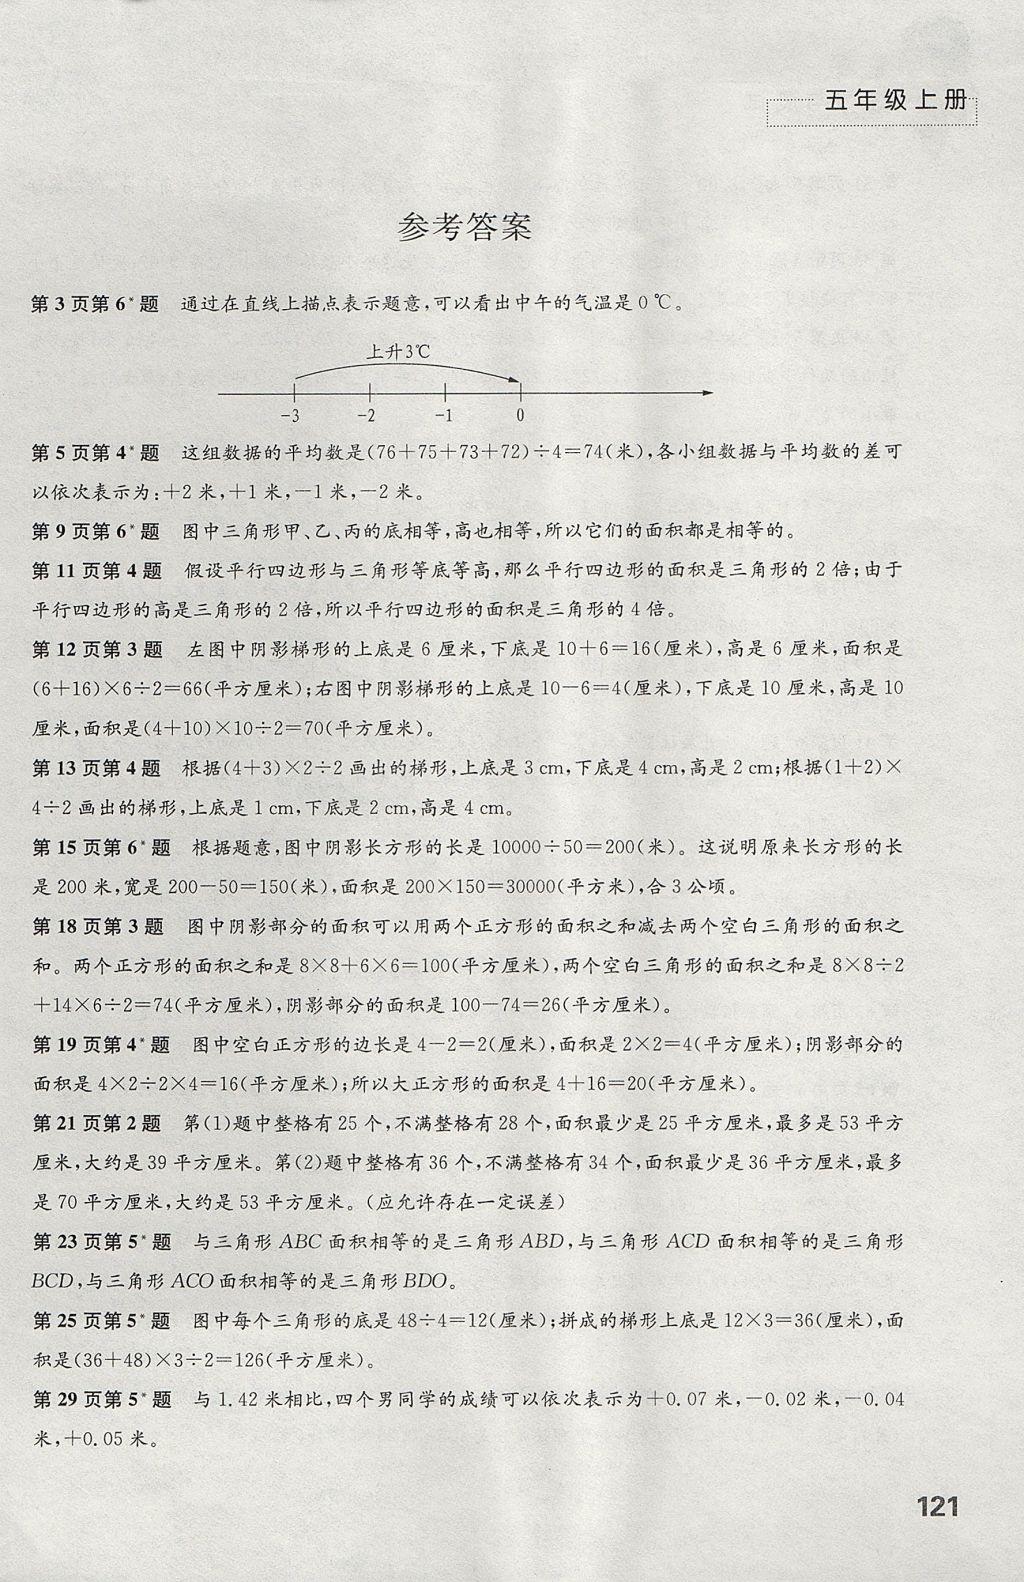 2017年练习与测试小学数学五年级上册苏教版参考答案第1页